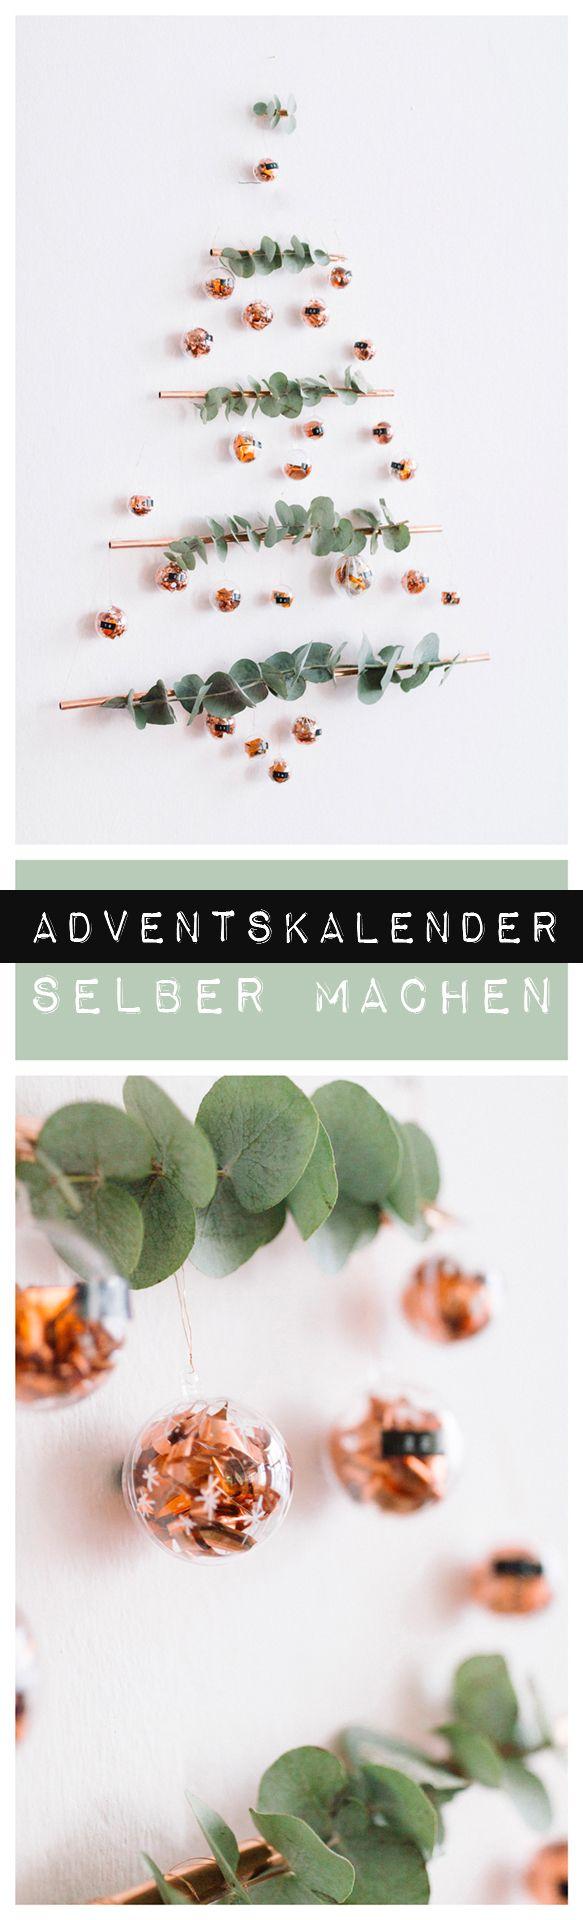 DIY Adventskalender mit Kupferrohren ganz einfach selber machen   Video Anleitung von Liz & Swantje